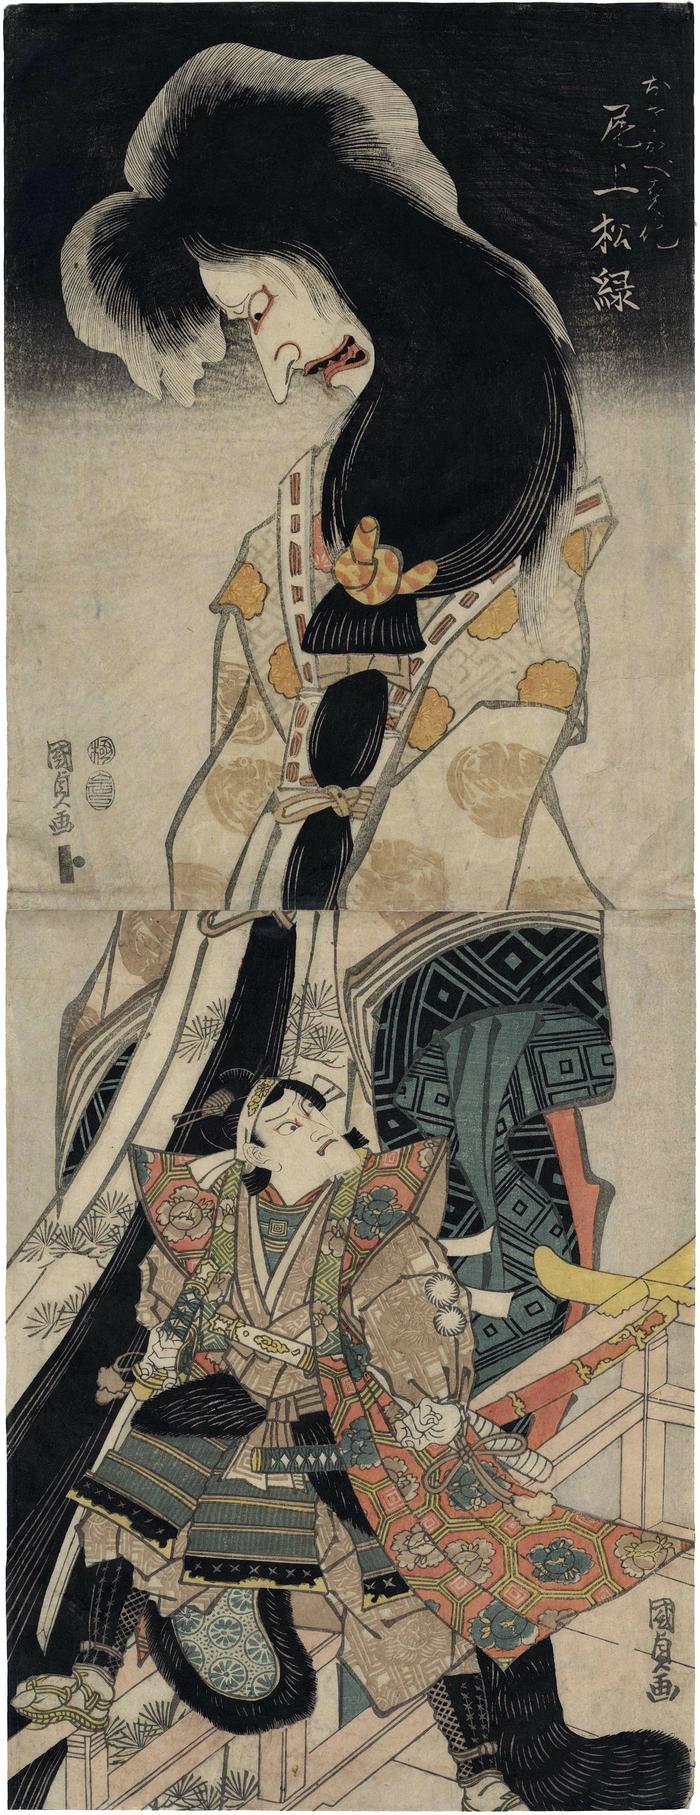 Onoe Shōroku I (尾上松緑) and Ichikawa Danjūrō VII in a scene from Shōroku's revival of the story of Princess Osakabe (<i>Matazoro Shōroko Osakabe banashi</i>)